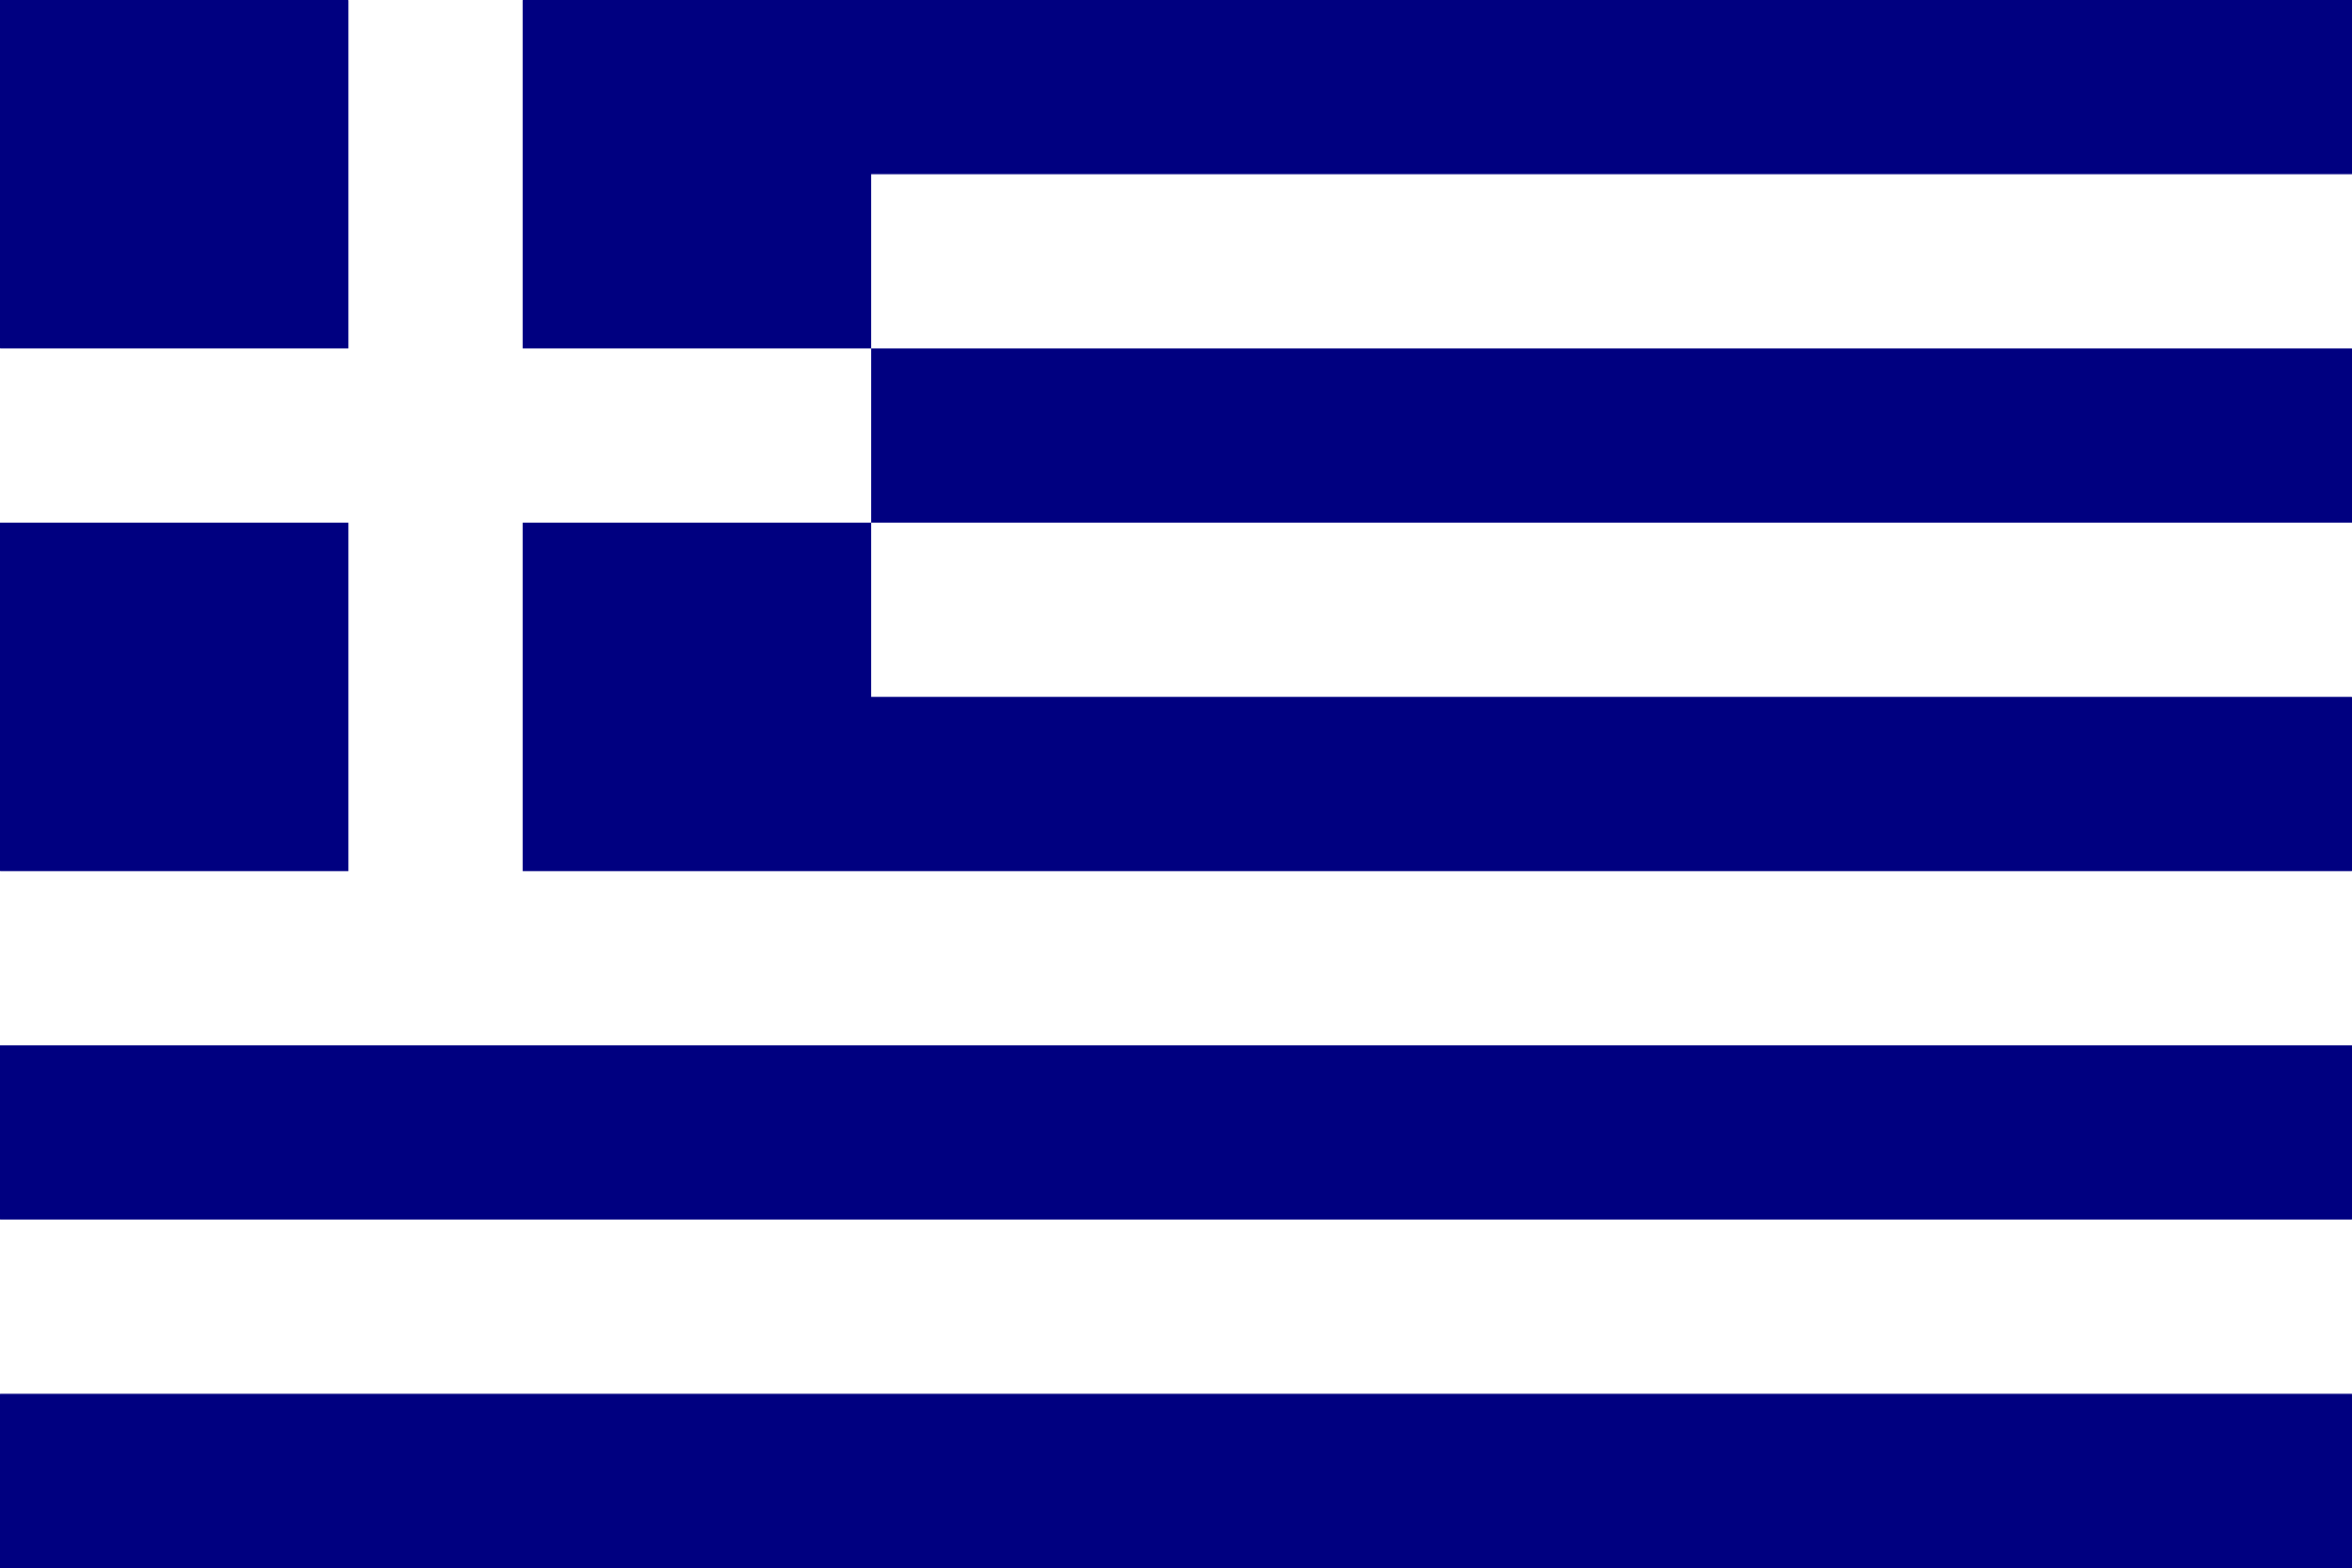 希腊, 国家, 会徽, 徽标, 符号 - 高清壁纸 - 教授-falken.com